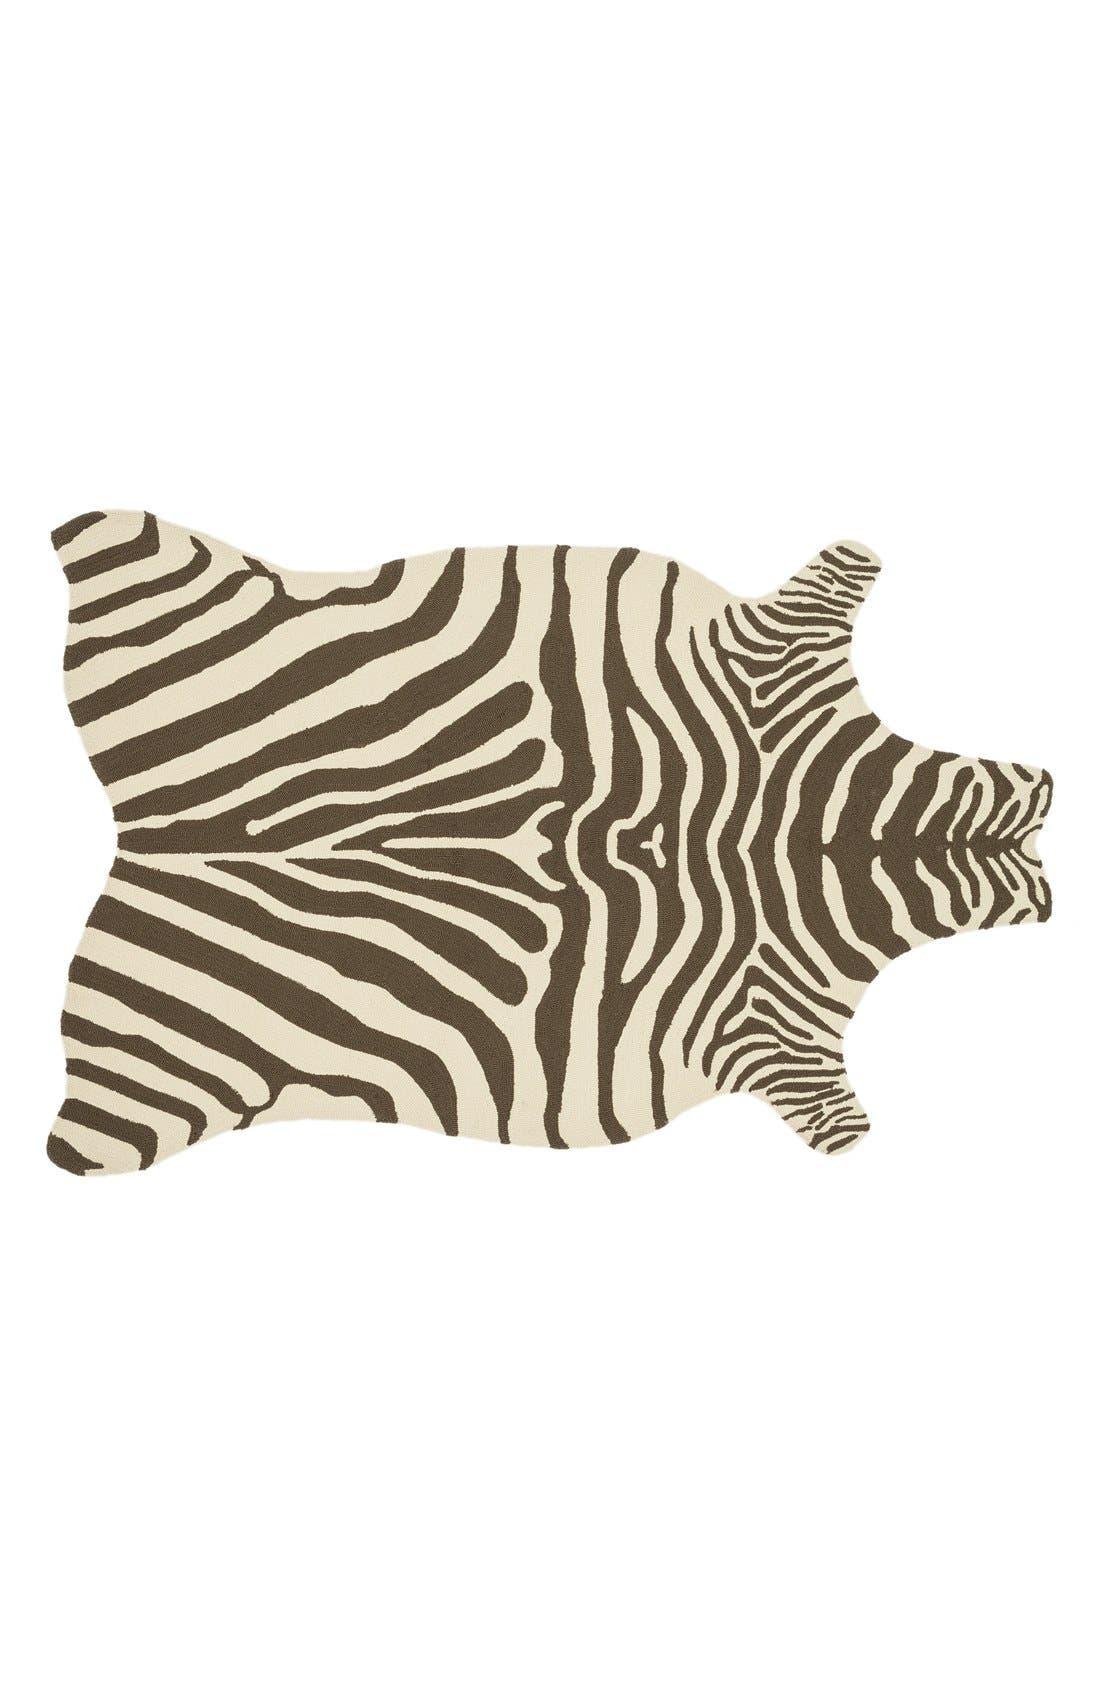 Main Image - Loloi 'Zadie' Zebra Woven Indoor/Outdoor Rug